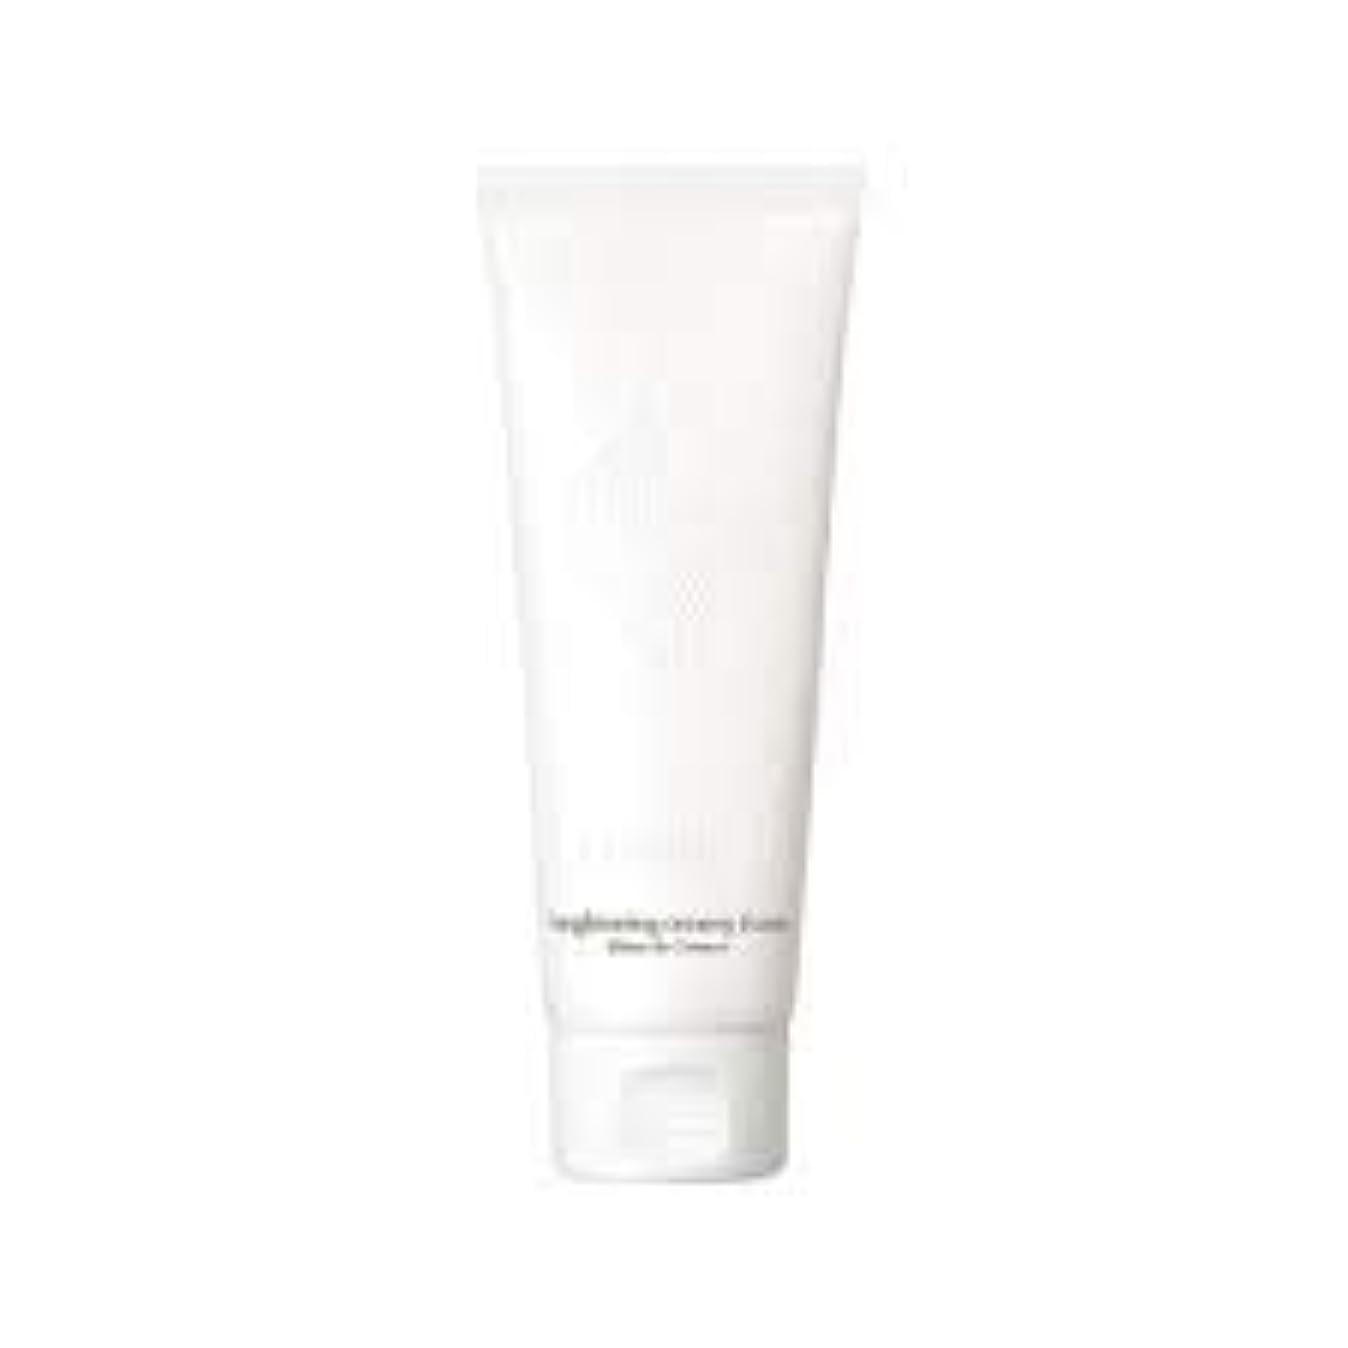 認可チョップ横CREMORLAB 120mlに鮮やかな白色のクリーム状の泡をCremor - ほこりや不純物を除去し、そして鈍い除去を助けるために。